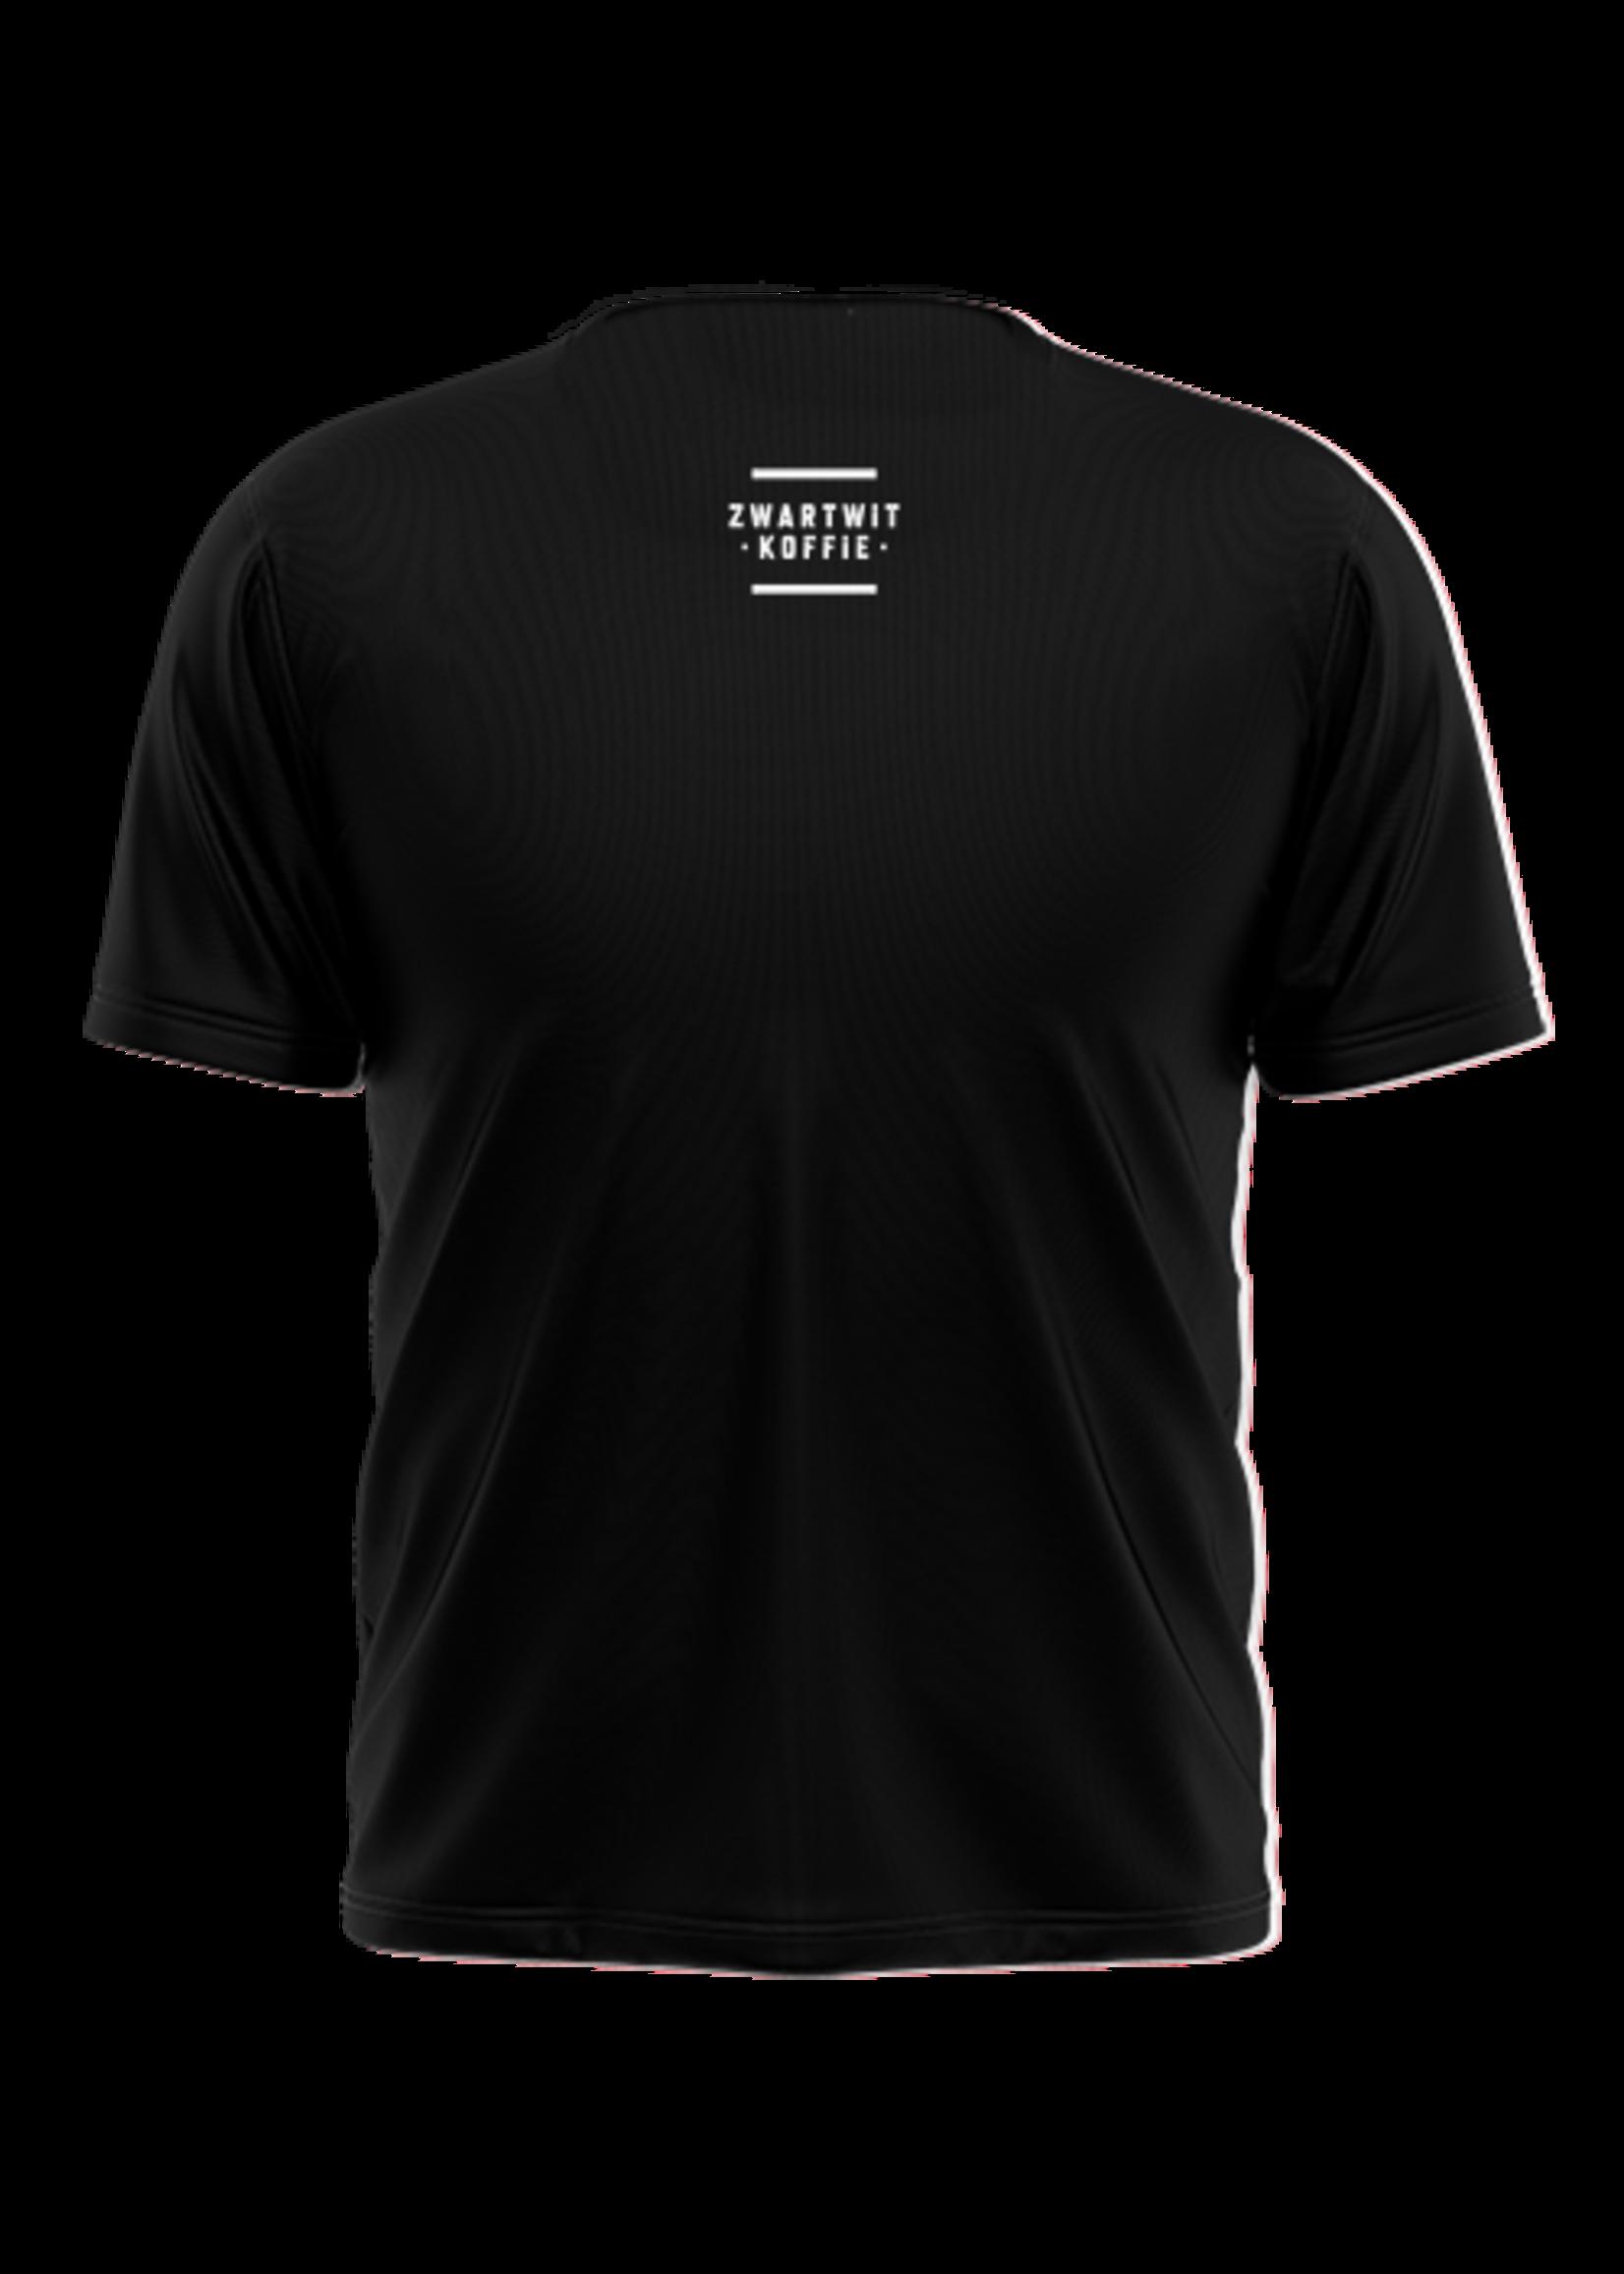 Rebel & Dutch ZwartWit T-shirt rood wit